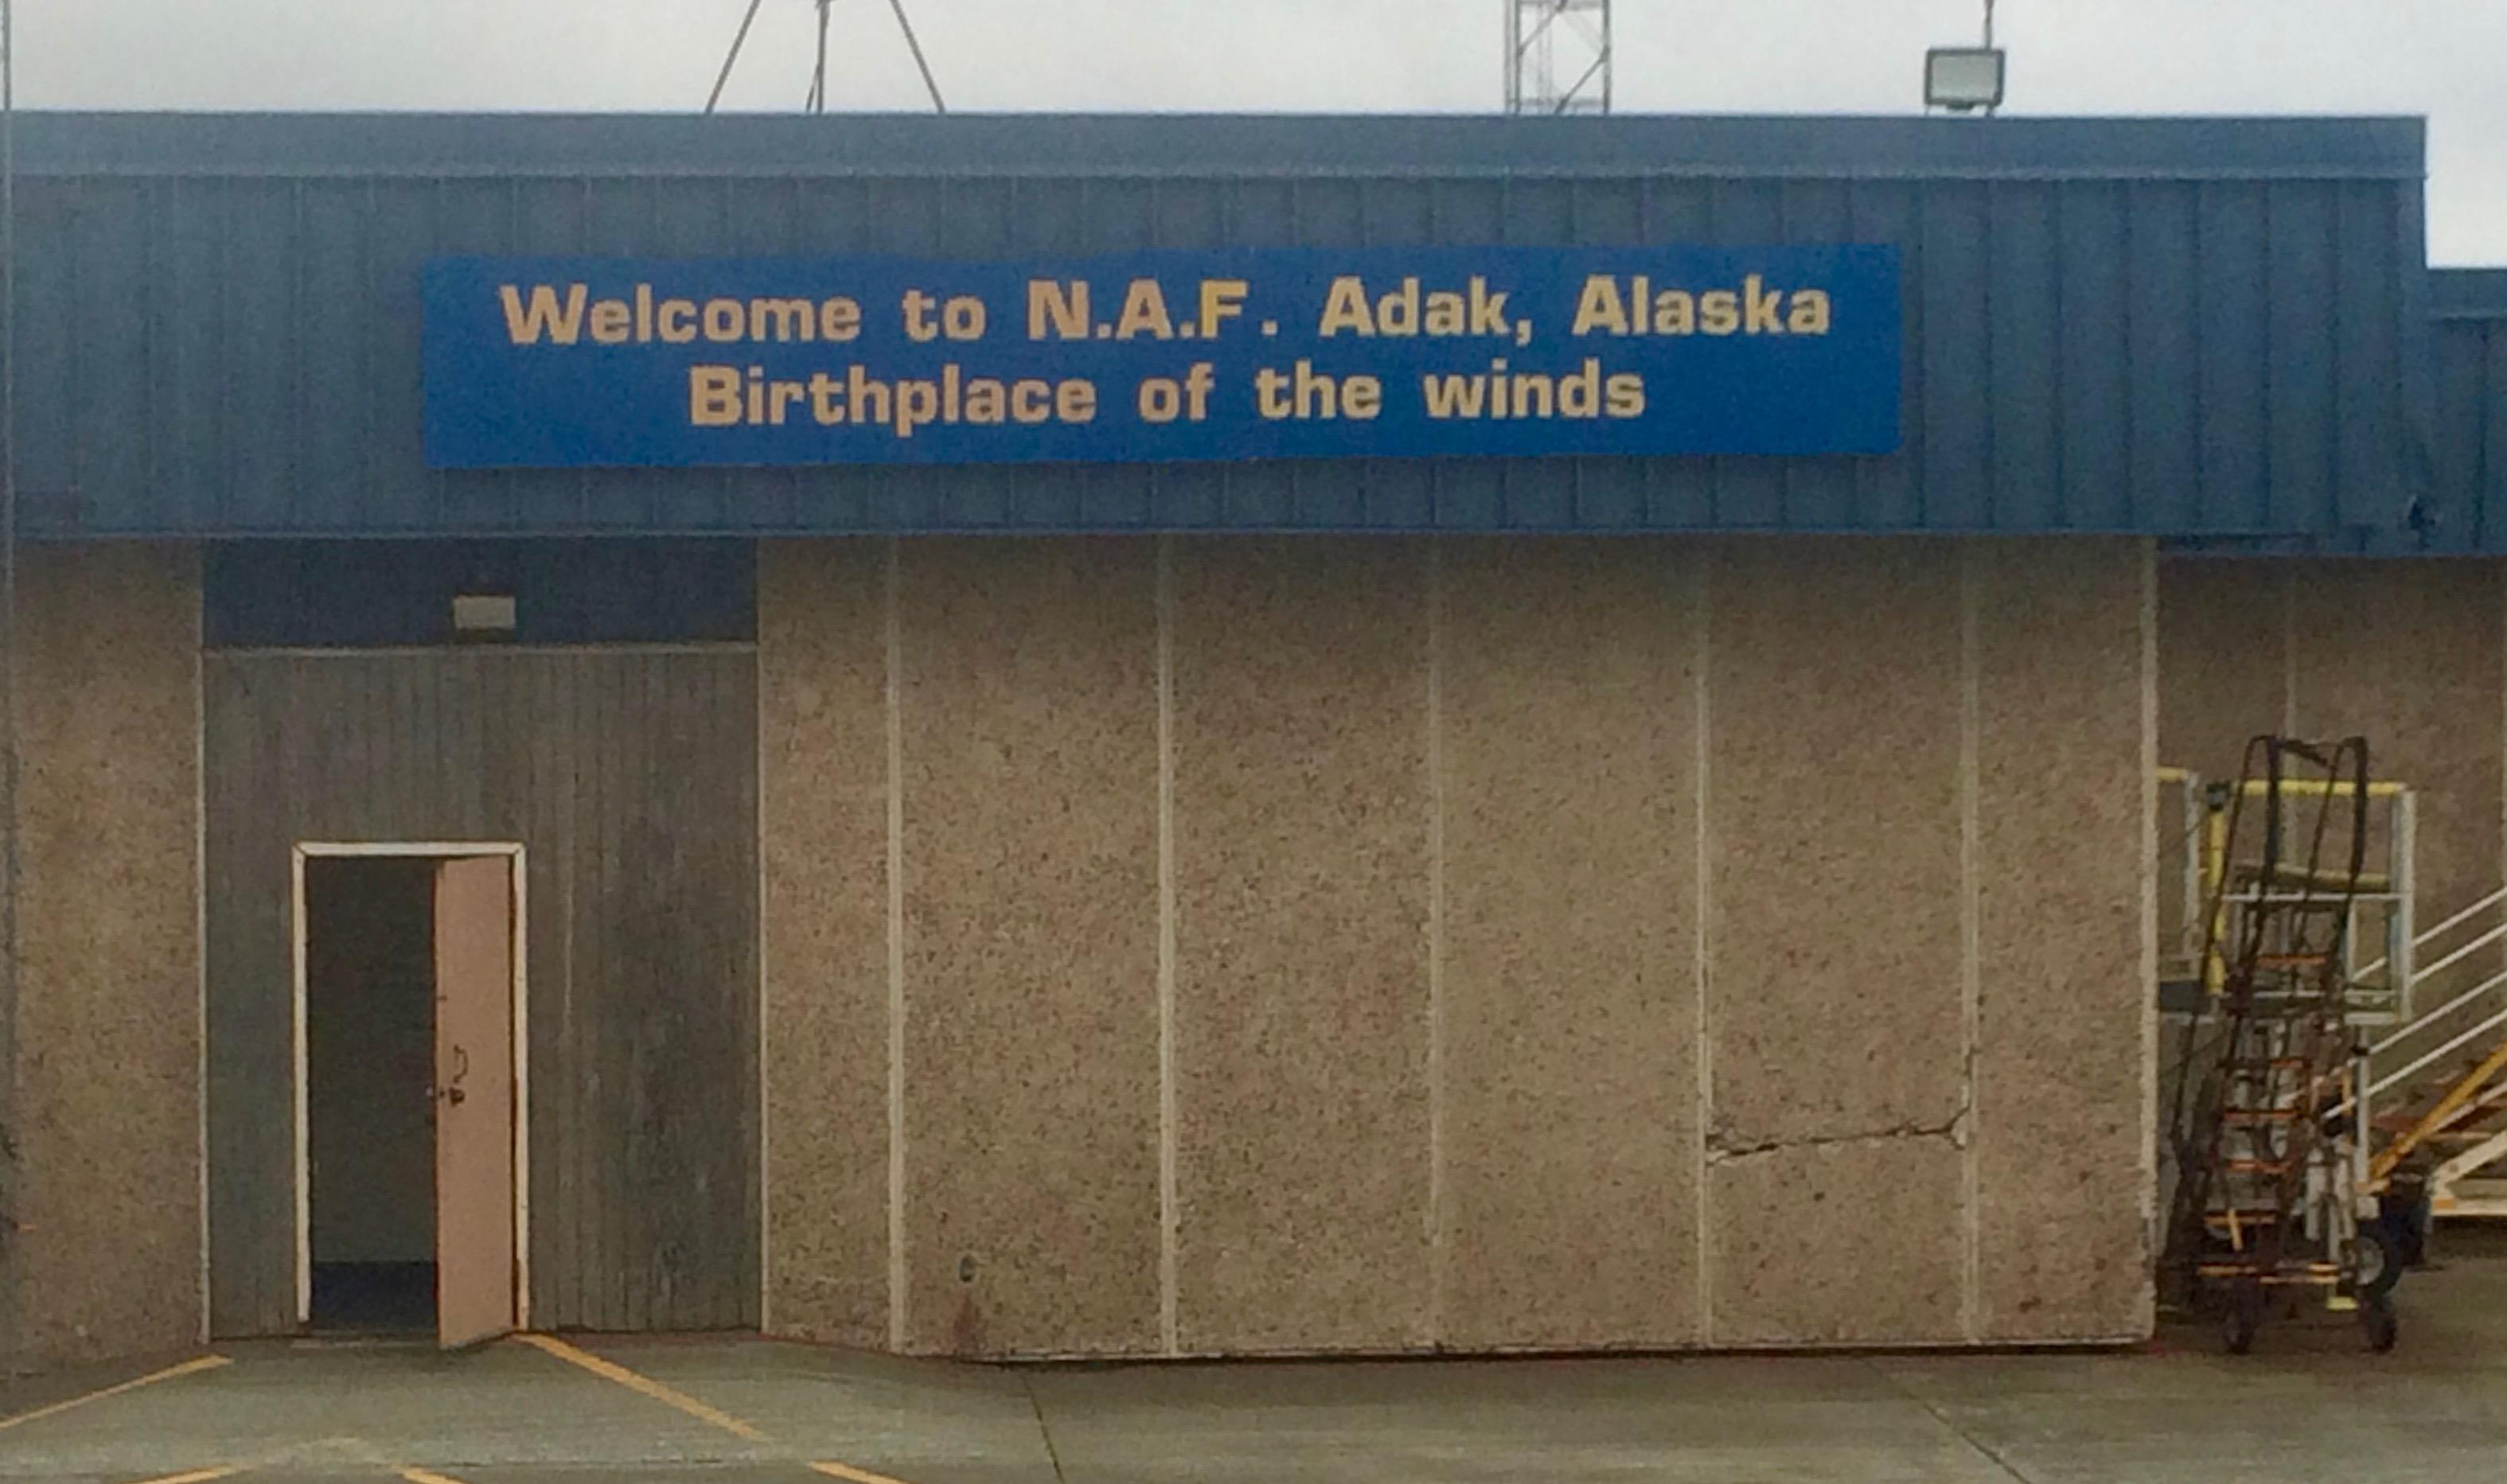 Adak Airport sign